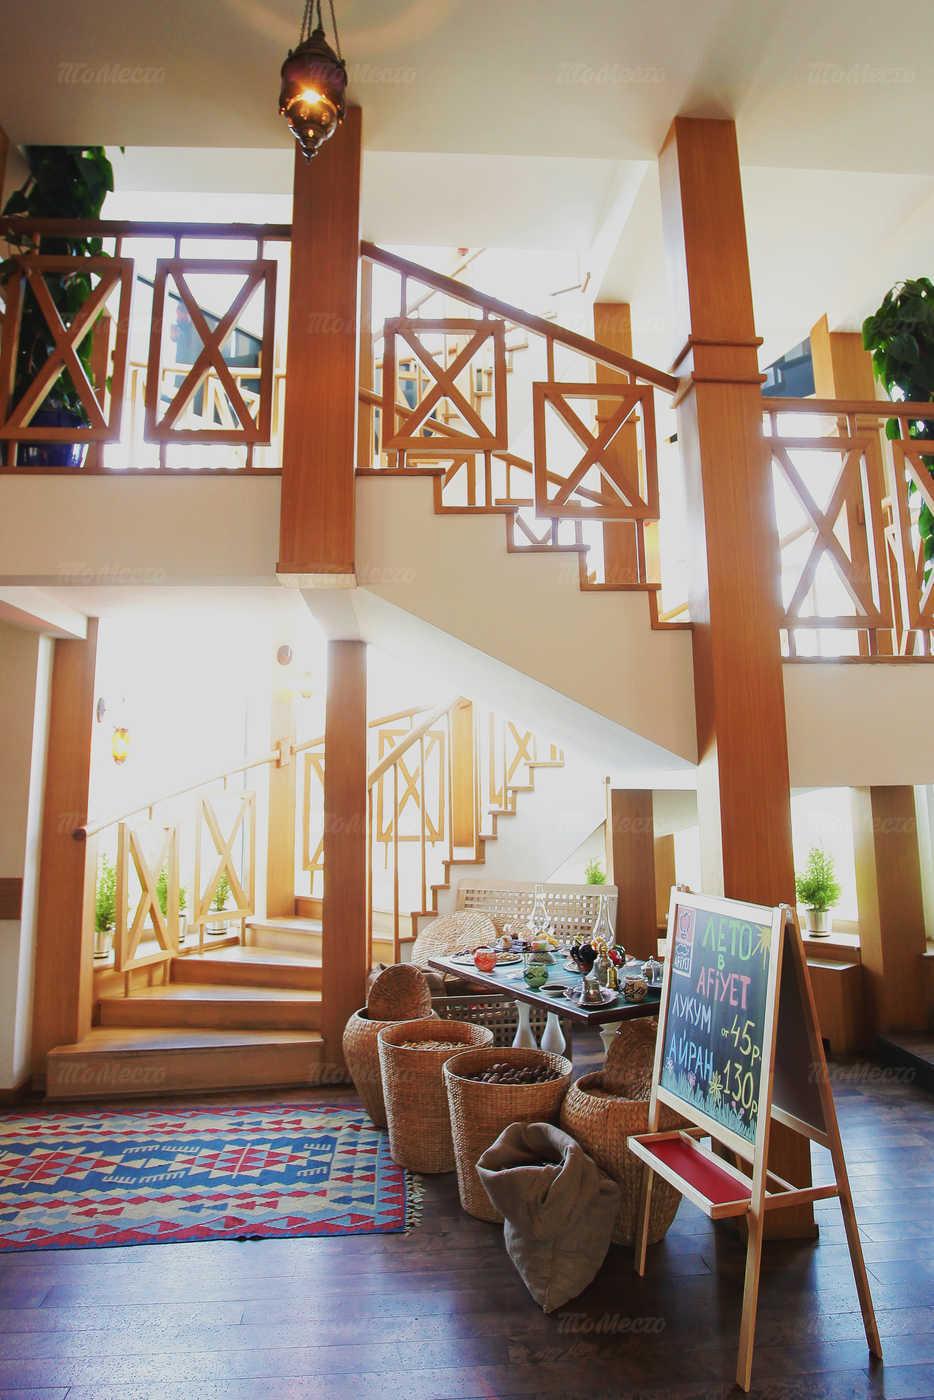 Меню бара, ночного клуба, ресторана Марадона (Maradona) на Саввинской набережной